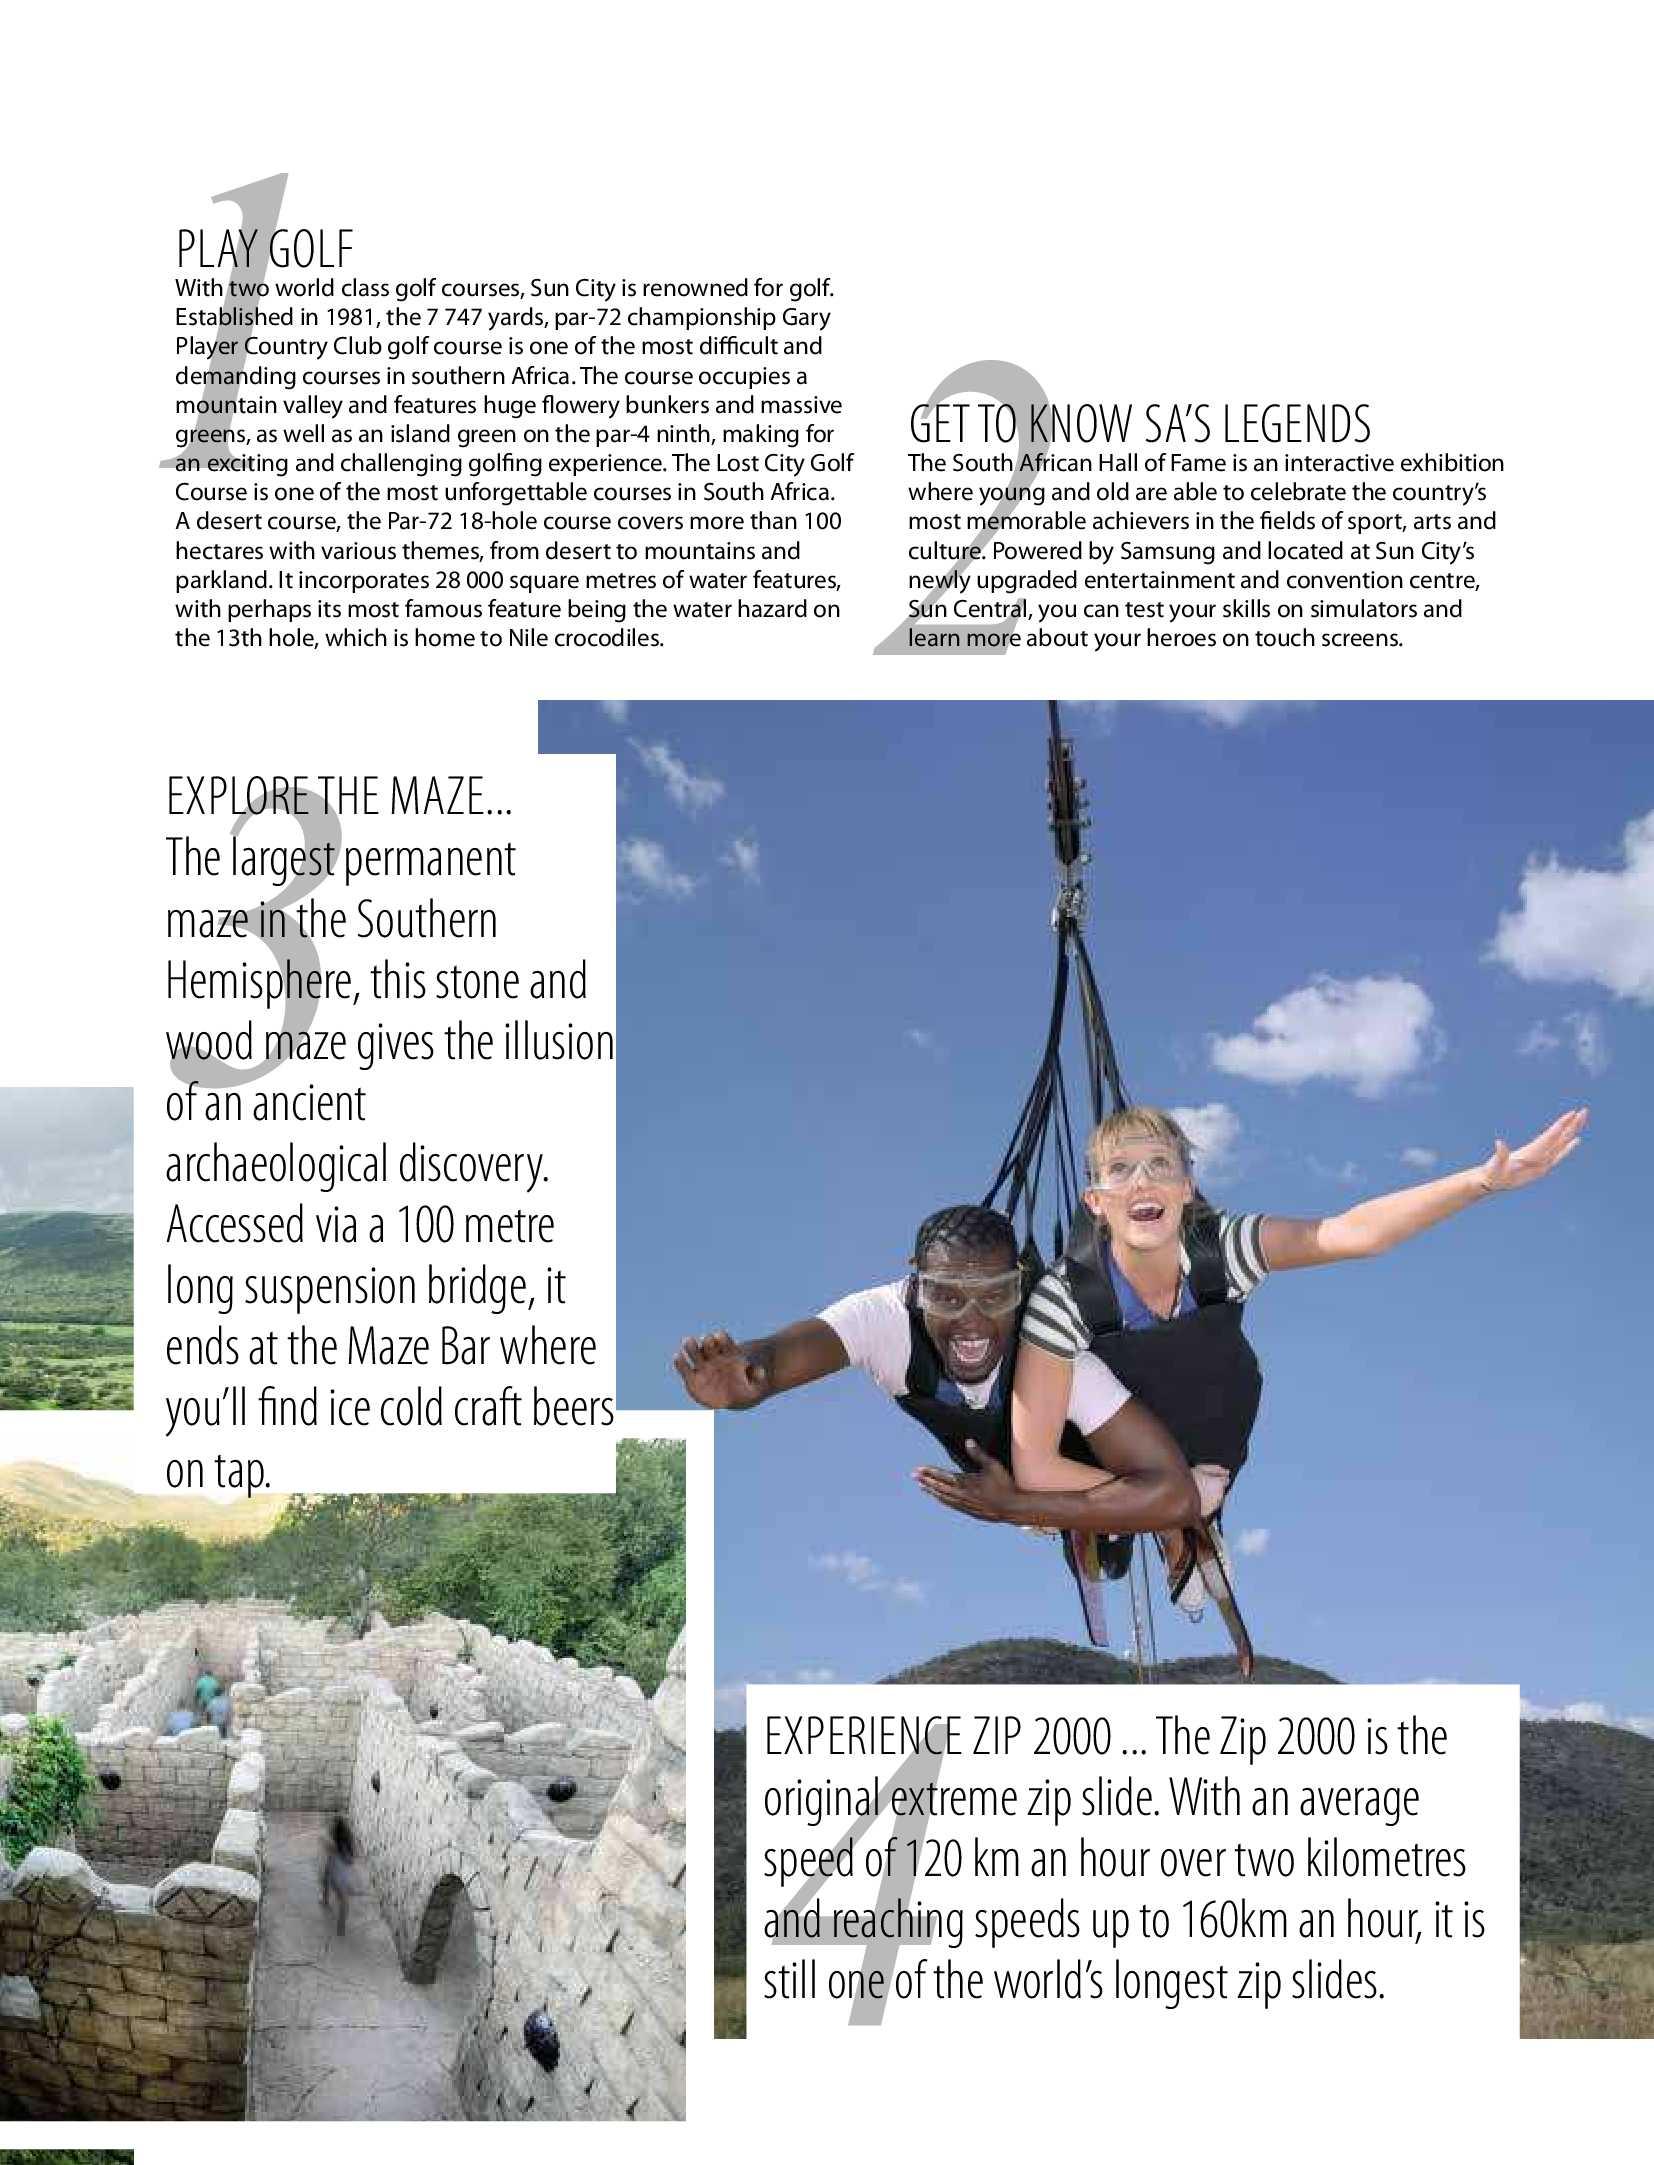 get-middelburg-september-2017-epapers-page-47